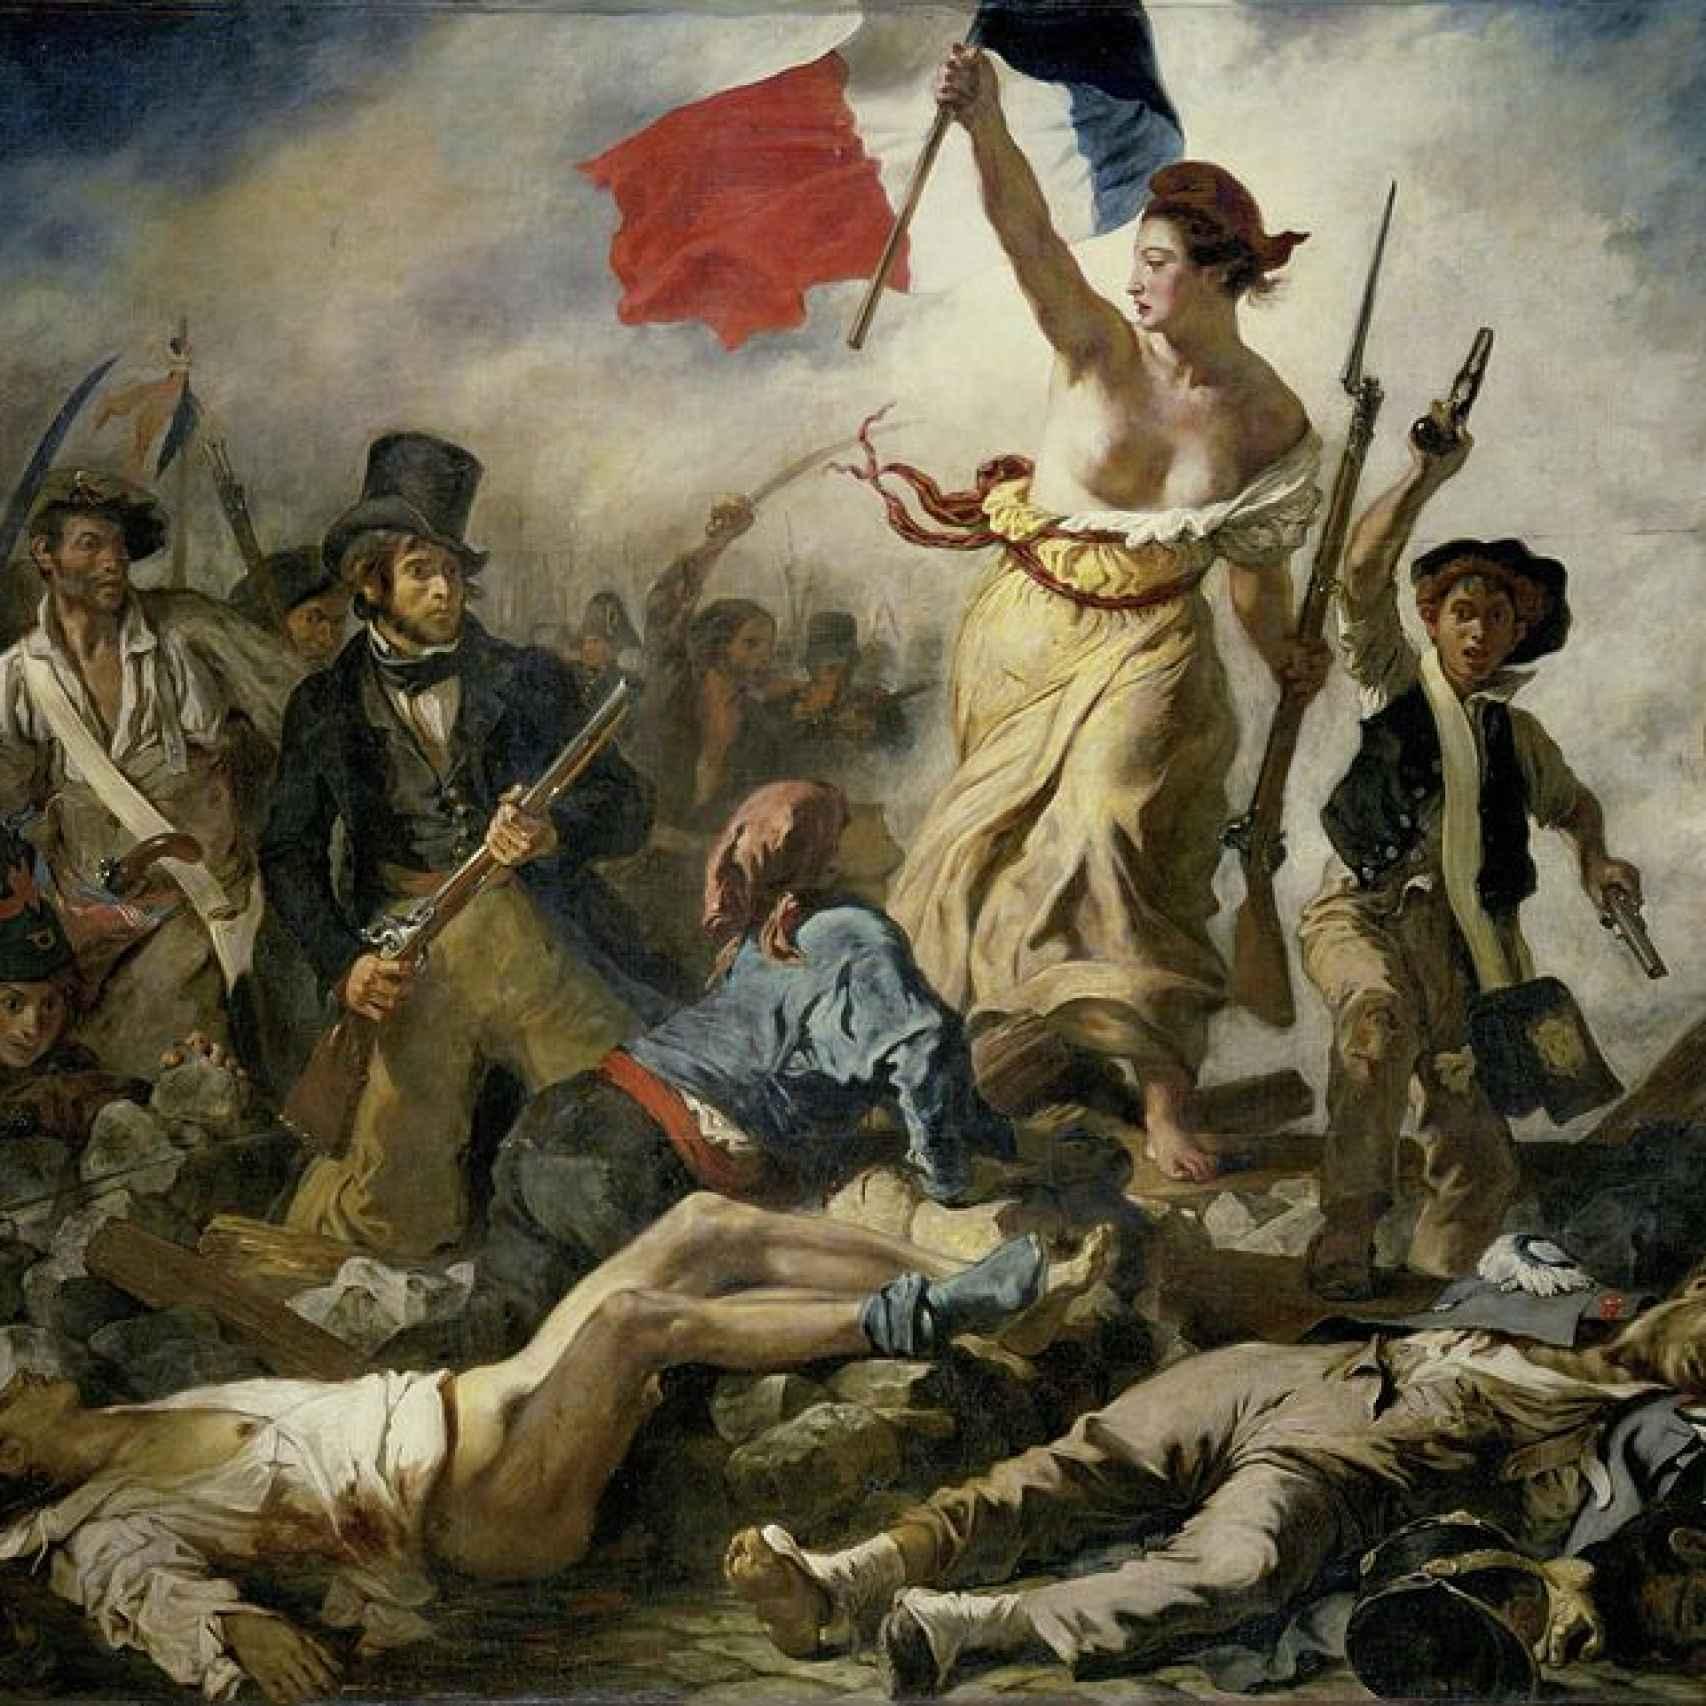 La libertad guiando al pueblo, de Eugène Delacroix, en el Louvre.